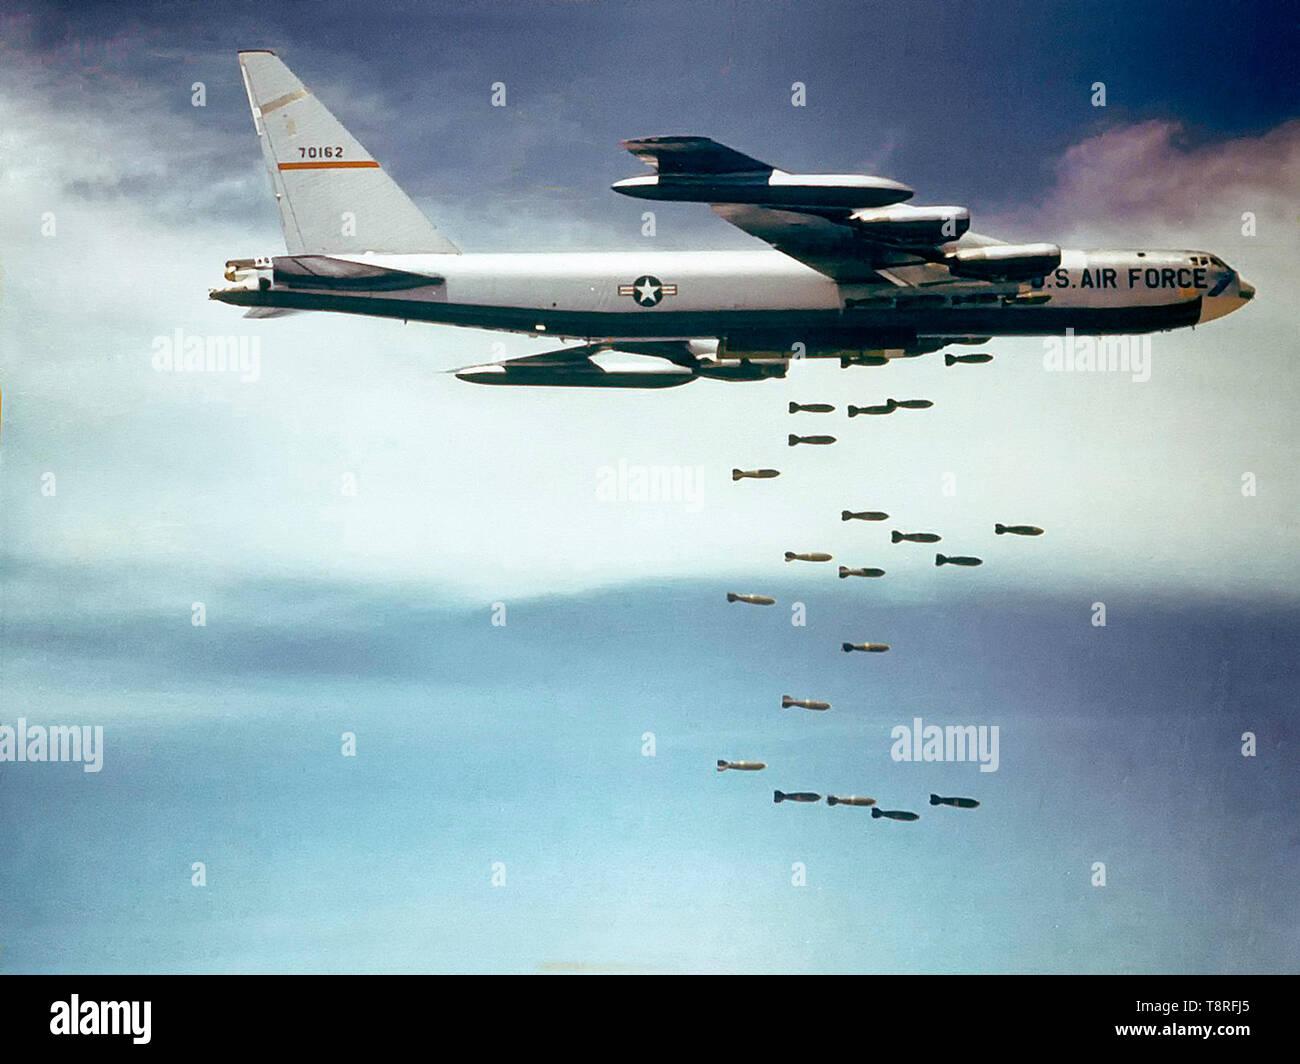 """Une armée de l'air Boeing B-52F-70-BW Stratofortress (s/n 57-0162, surnommé 'Casper the Friendly Ghost"""") de la 320th Bomb Wing tomber Mk 117 750 lb (340 kg) de bombes sur le Vietnam. Banque D'Images"""